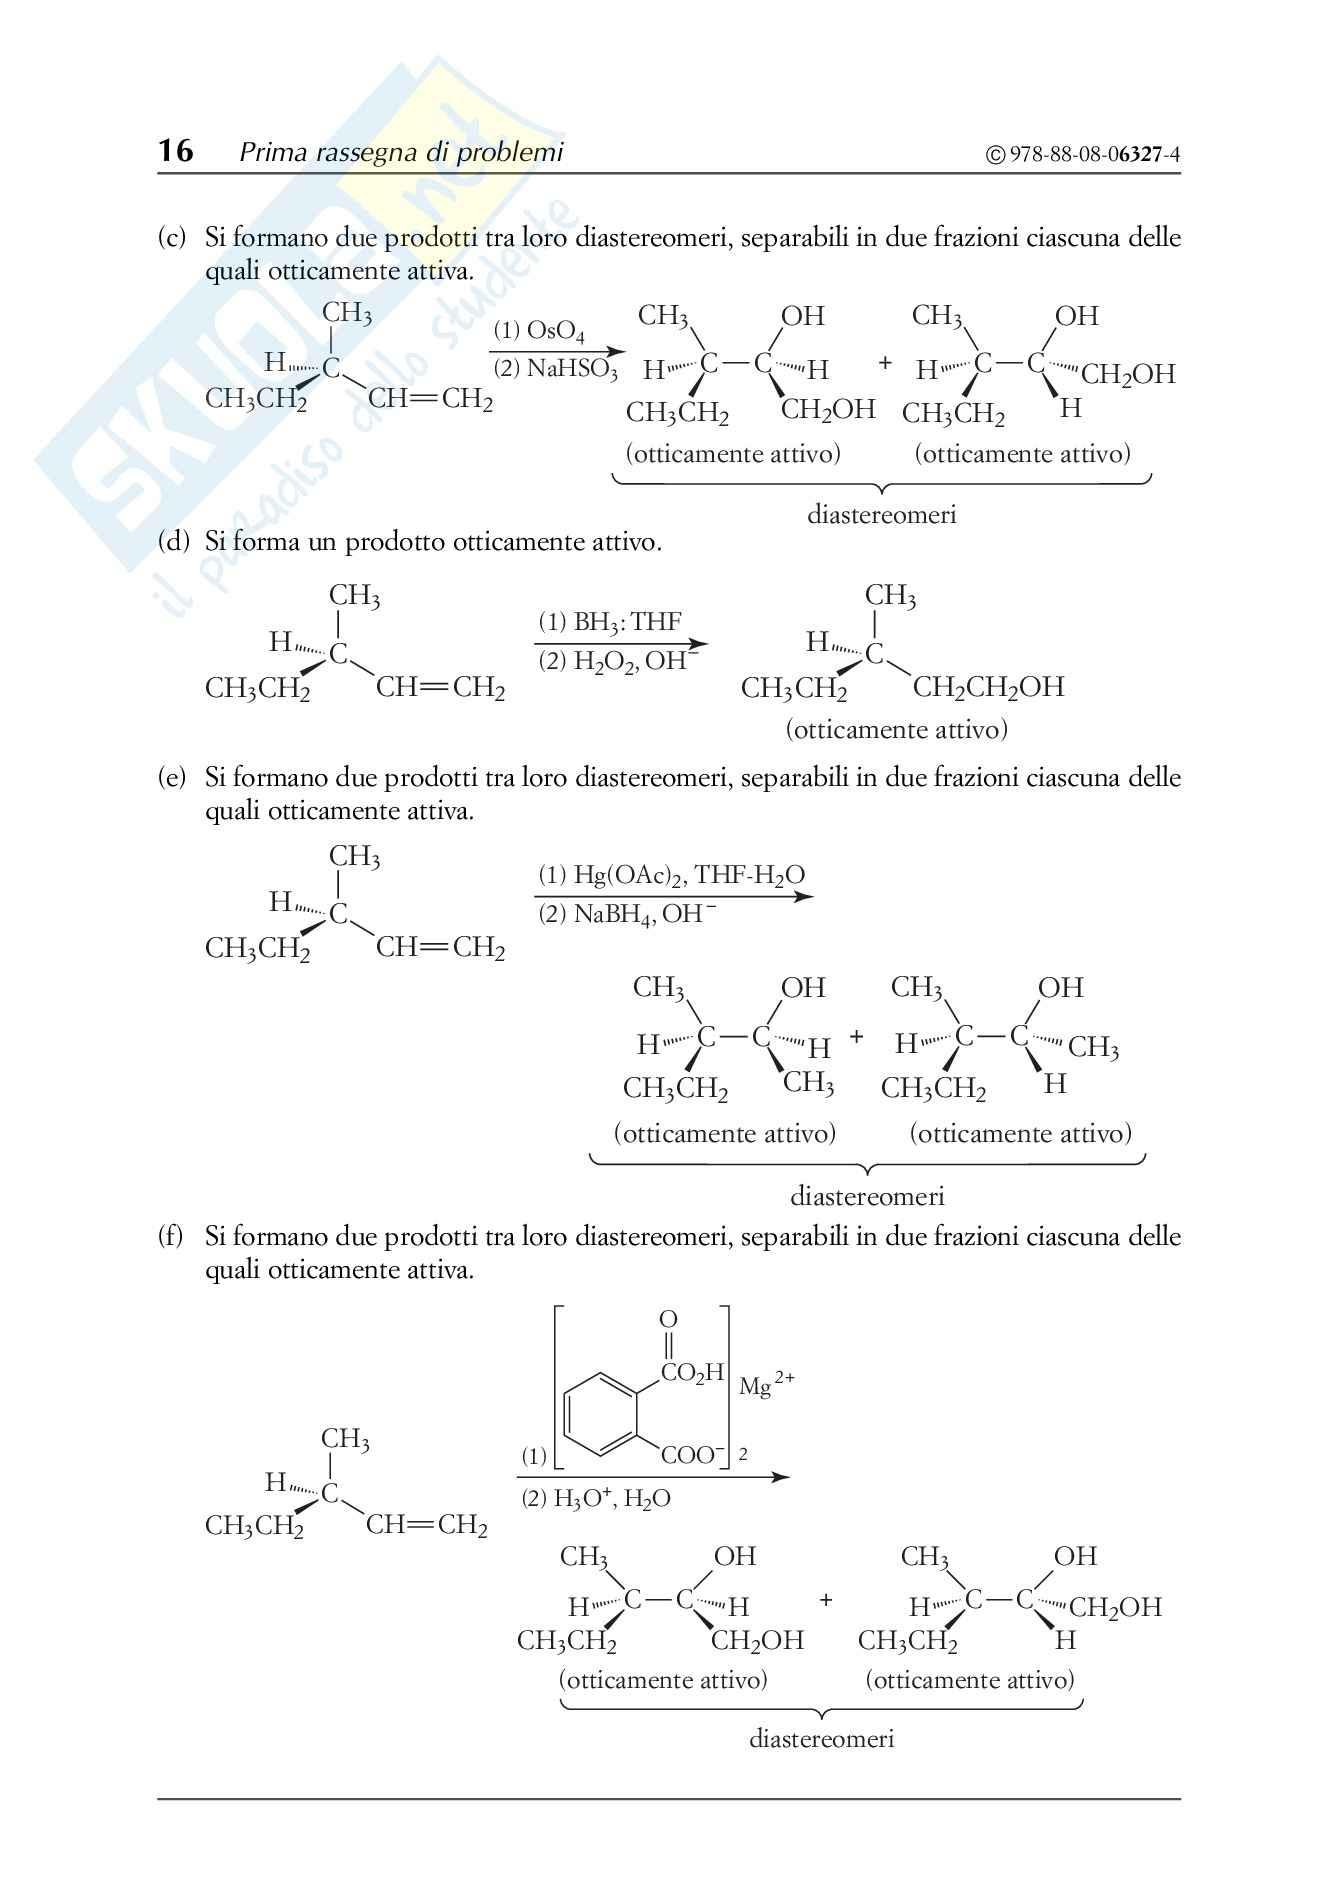 Chimica organica, Solomons - Esercizi prima parte Pag. 16